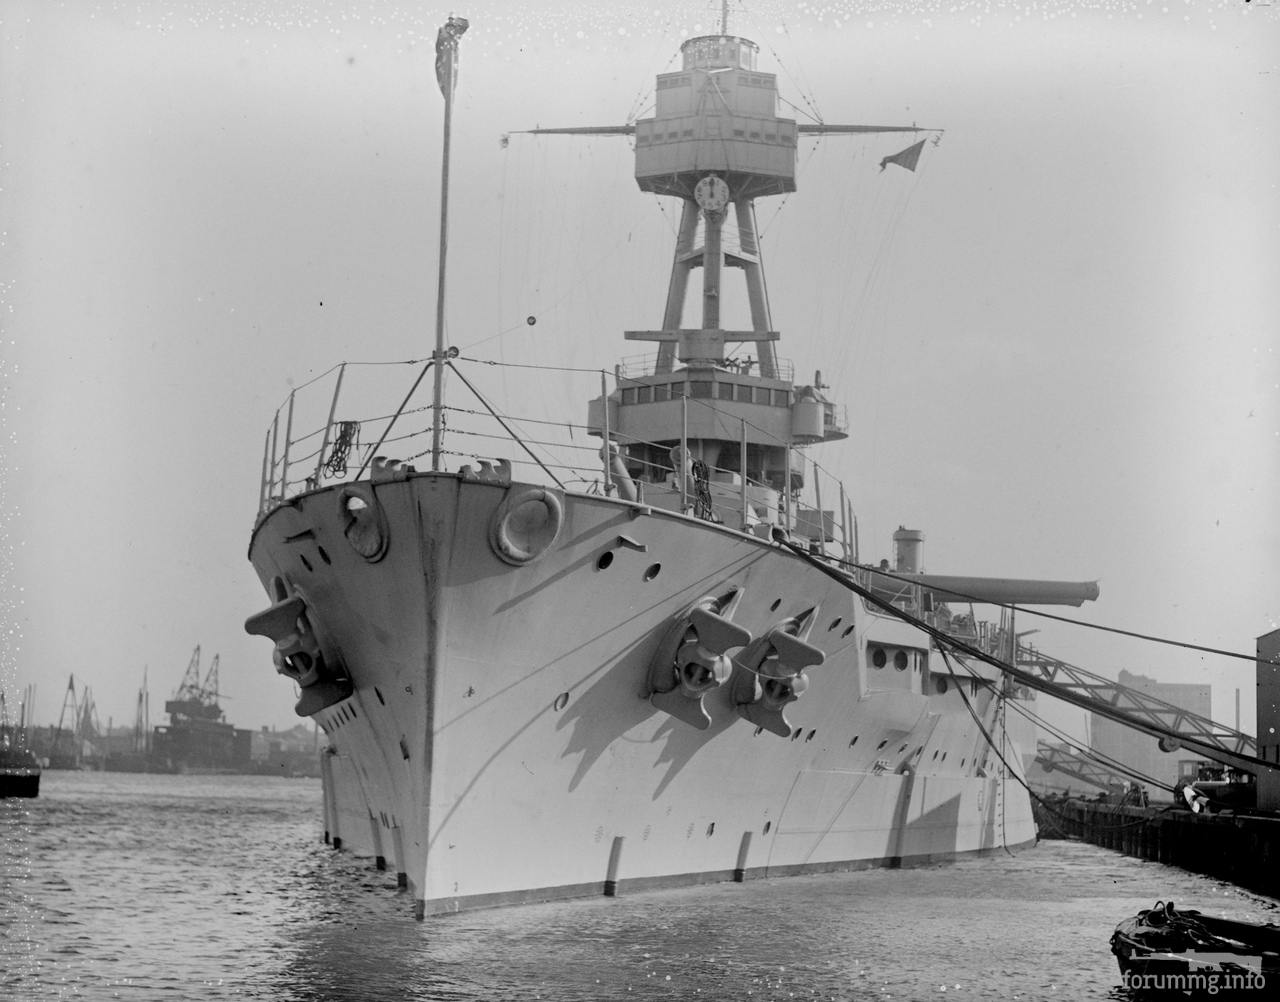 134256 - Линкор USS New York (BB-34) в Бостоне, 1 января 1930 г.